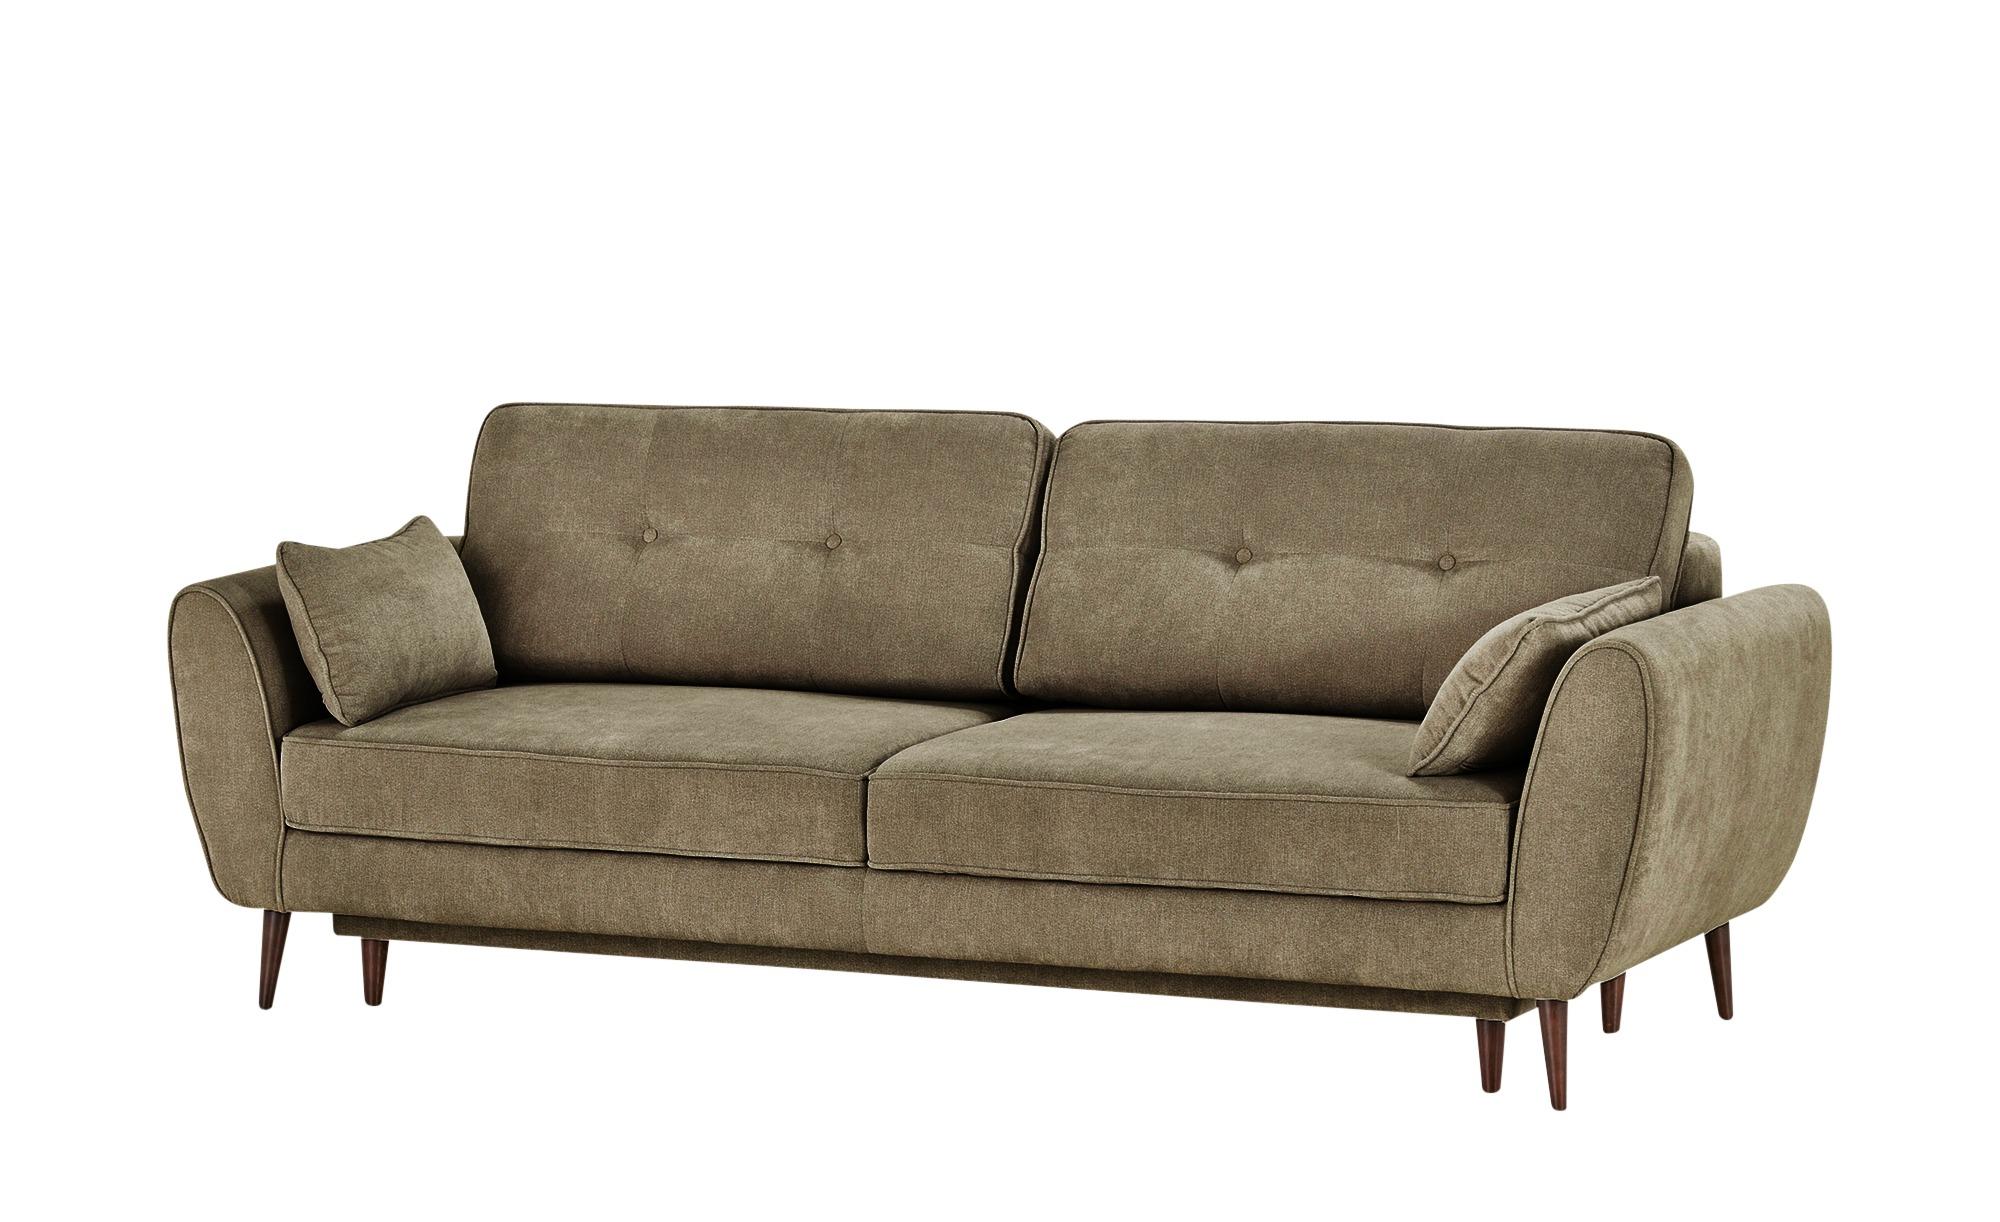 Full Size of Couch Ausklappbar Switch Sofa Candy 3 Sitzer Bett Ausklappbares Wohnzimmer Couch Ausklappbar